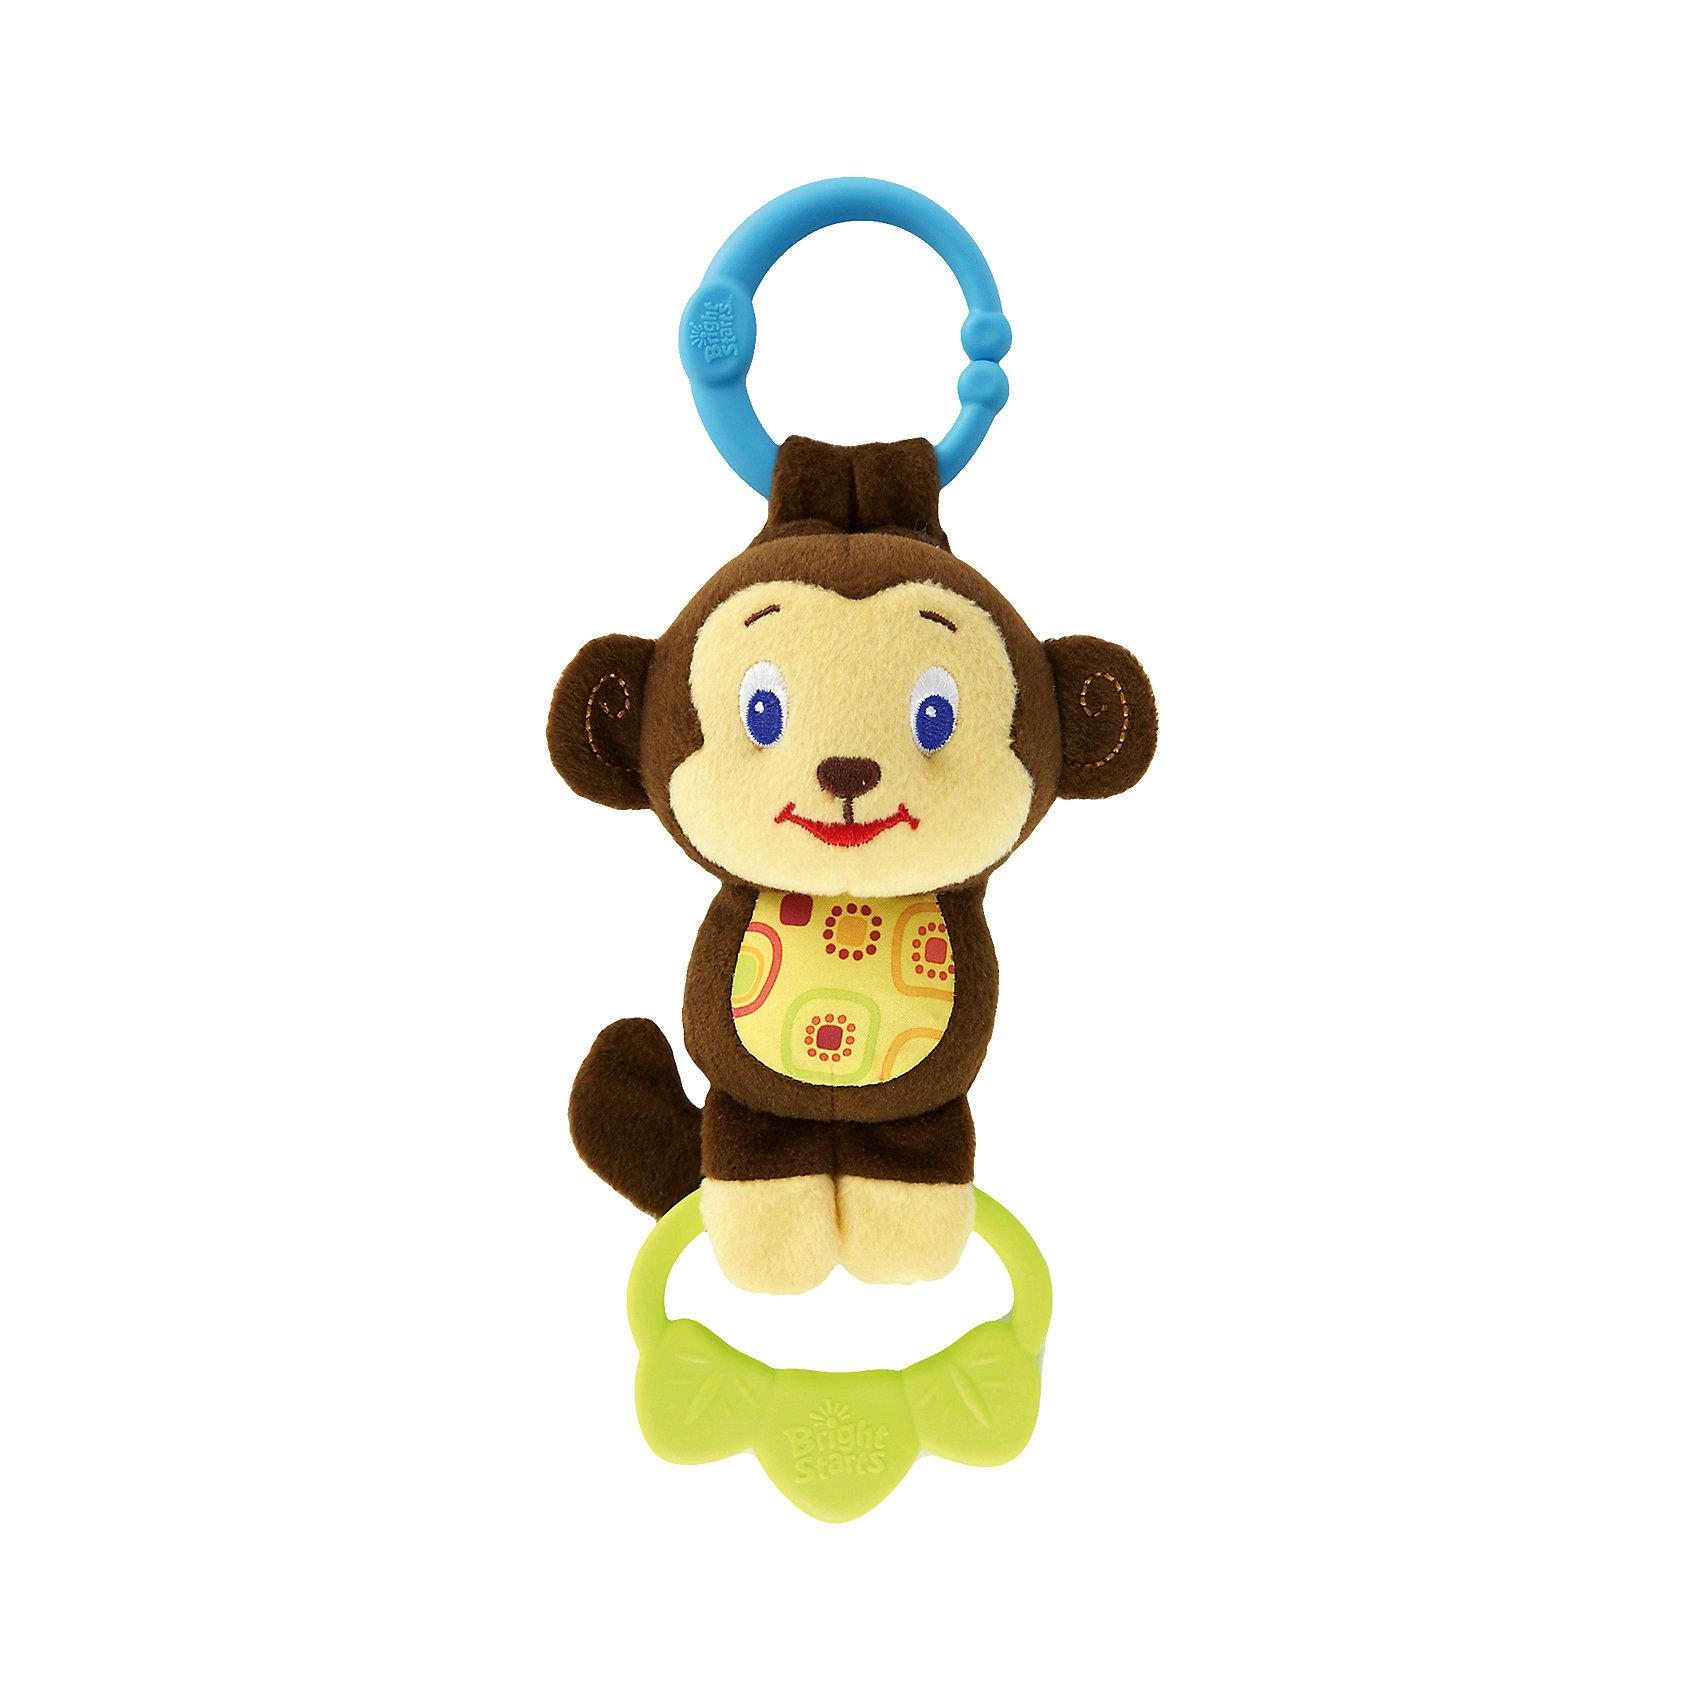 Развивающая игрушка-подвеска Обезьянка, Bright StartsРазвивающая игрушка-подвеска Обезьянка, Bright Starts (Брайт Стартс) – игрушка-подвеска с музыкальным сопровождением и прорезывателем!<br>Забавная плюшевая обезьянка развеселит малыша четырьмя веселыми мелодиями. Для этого достаточно потянуть за пластиковые лепестки, которые мартышка держит в лапках. Мягкие лепесточки также снимут боль с воспаленных десен во время прорезывания зубов. Разноцветный шуршащий животик разовьет тактильные навыки у малыша. С помощью пластикового колечка игрушка легко крепится на детскую коляску, развивающий коврик или кроватку. Игрушка выполнена из высококачественных безопасных материалов.<br><br>Дополнительная информация:<br><br>- Размер товара: 11 х 7 х 27 см.<br>- Батарейки: 3 типа AG13, 1,5V (товар комплектуется демонстрационными)<br>- Размеры коробки: 11 х 7 х 31 см.<br>- Вес: 132 гр.<br><br>Развивающую игрушку-подвеску Обезьянка, Bright Starts (Брайт Стартс) можно купить в нашем интернет-магазине.<br><br>Ширина мм: 137<br>Глубина мм: 74<br>Высота мм: 295<br>Вес г: 132<br>Возраст от месяцев: 3<br>Возраст до месяцев: 24<br>Пол: Унисекс<br>Возраст: Детский<br>SKU: 4182921